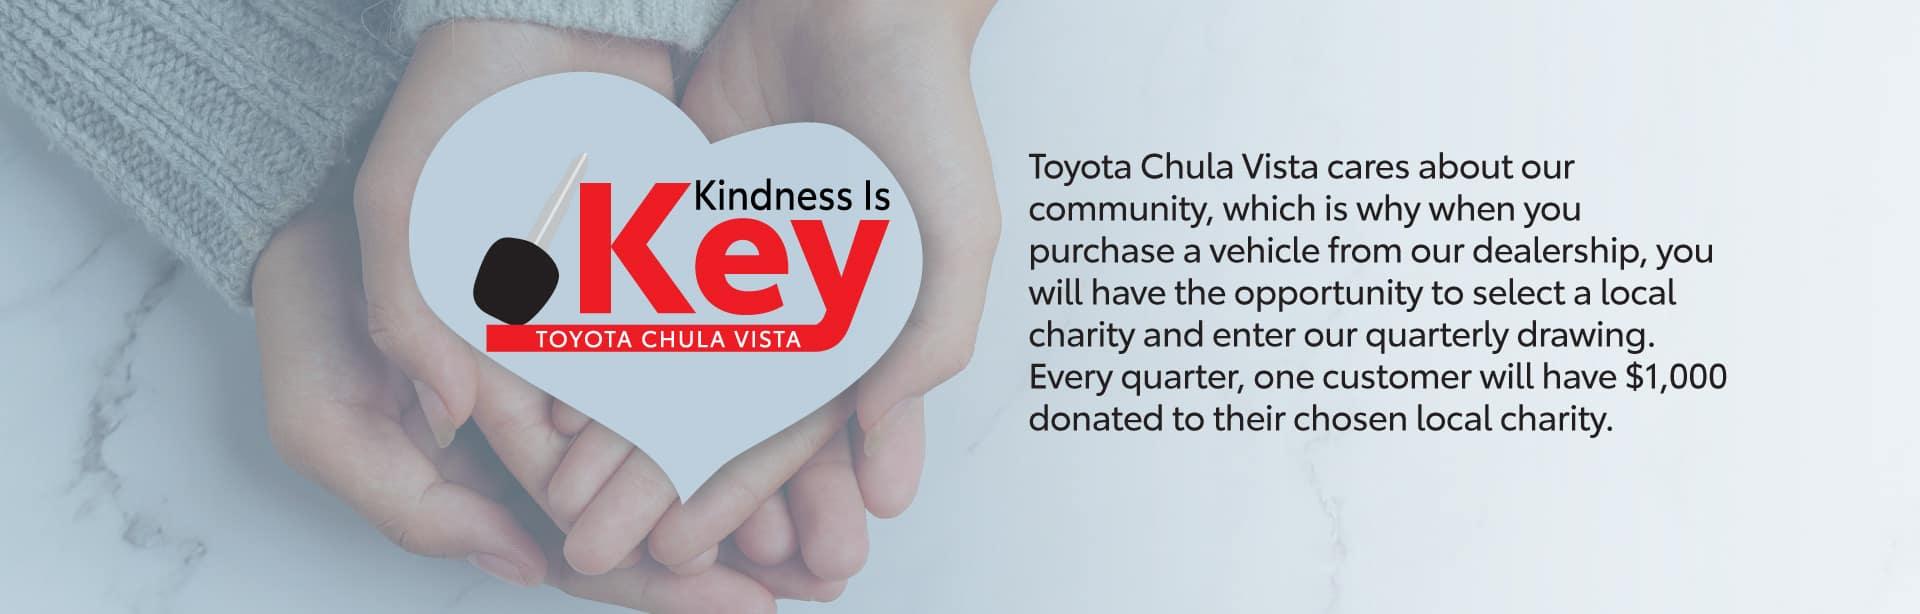 TCV Kindness Slides_ver3 (6)